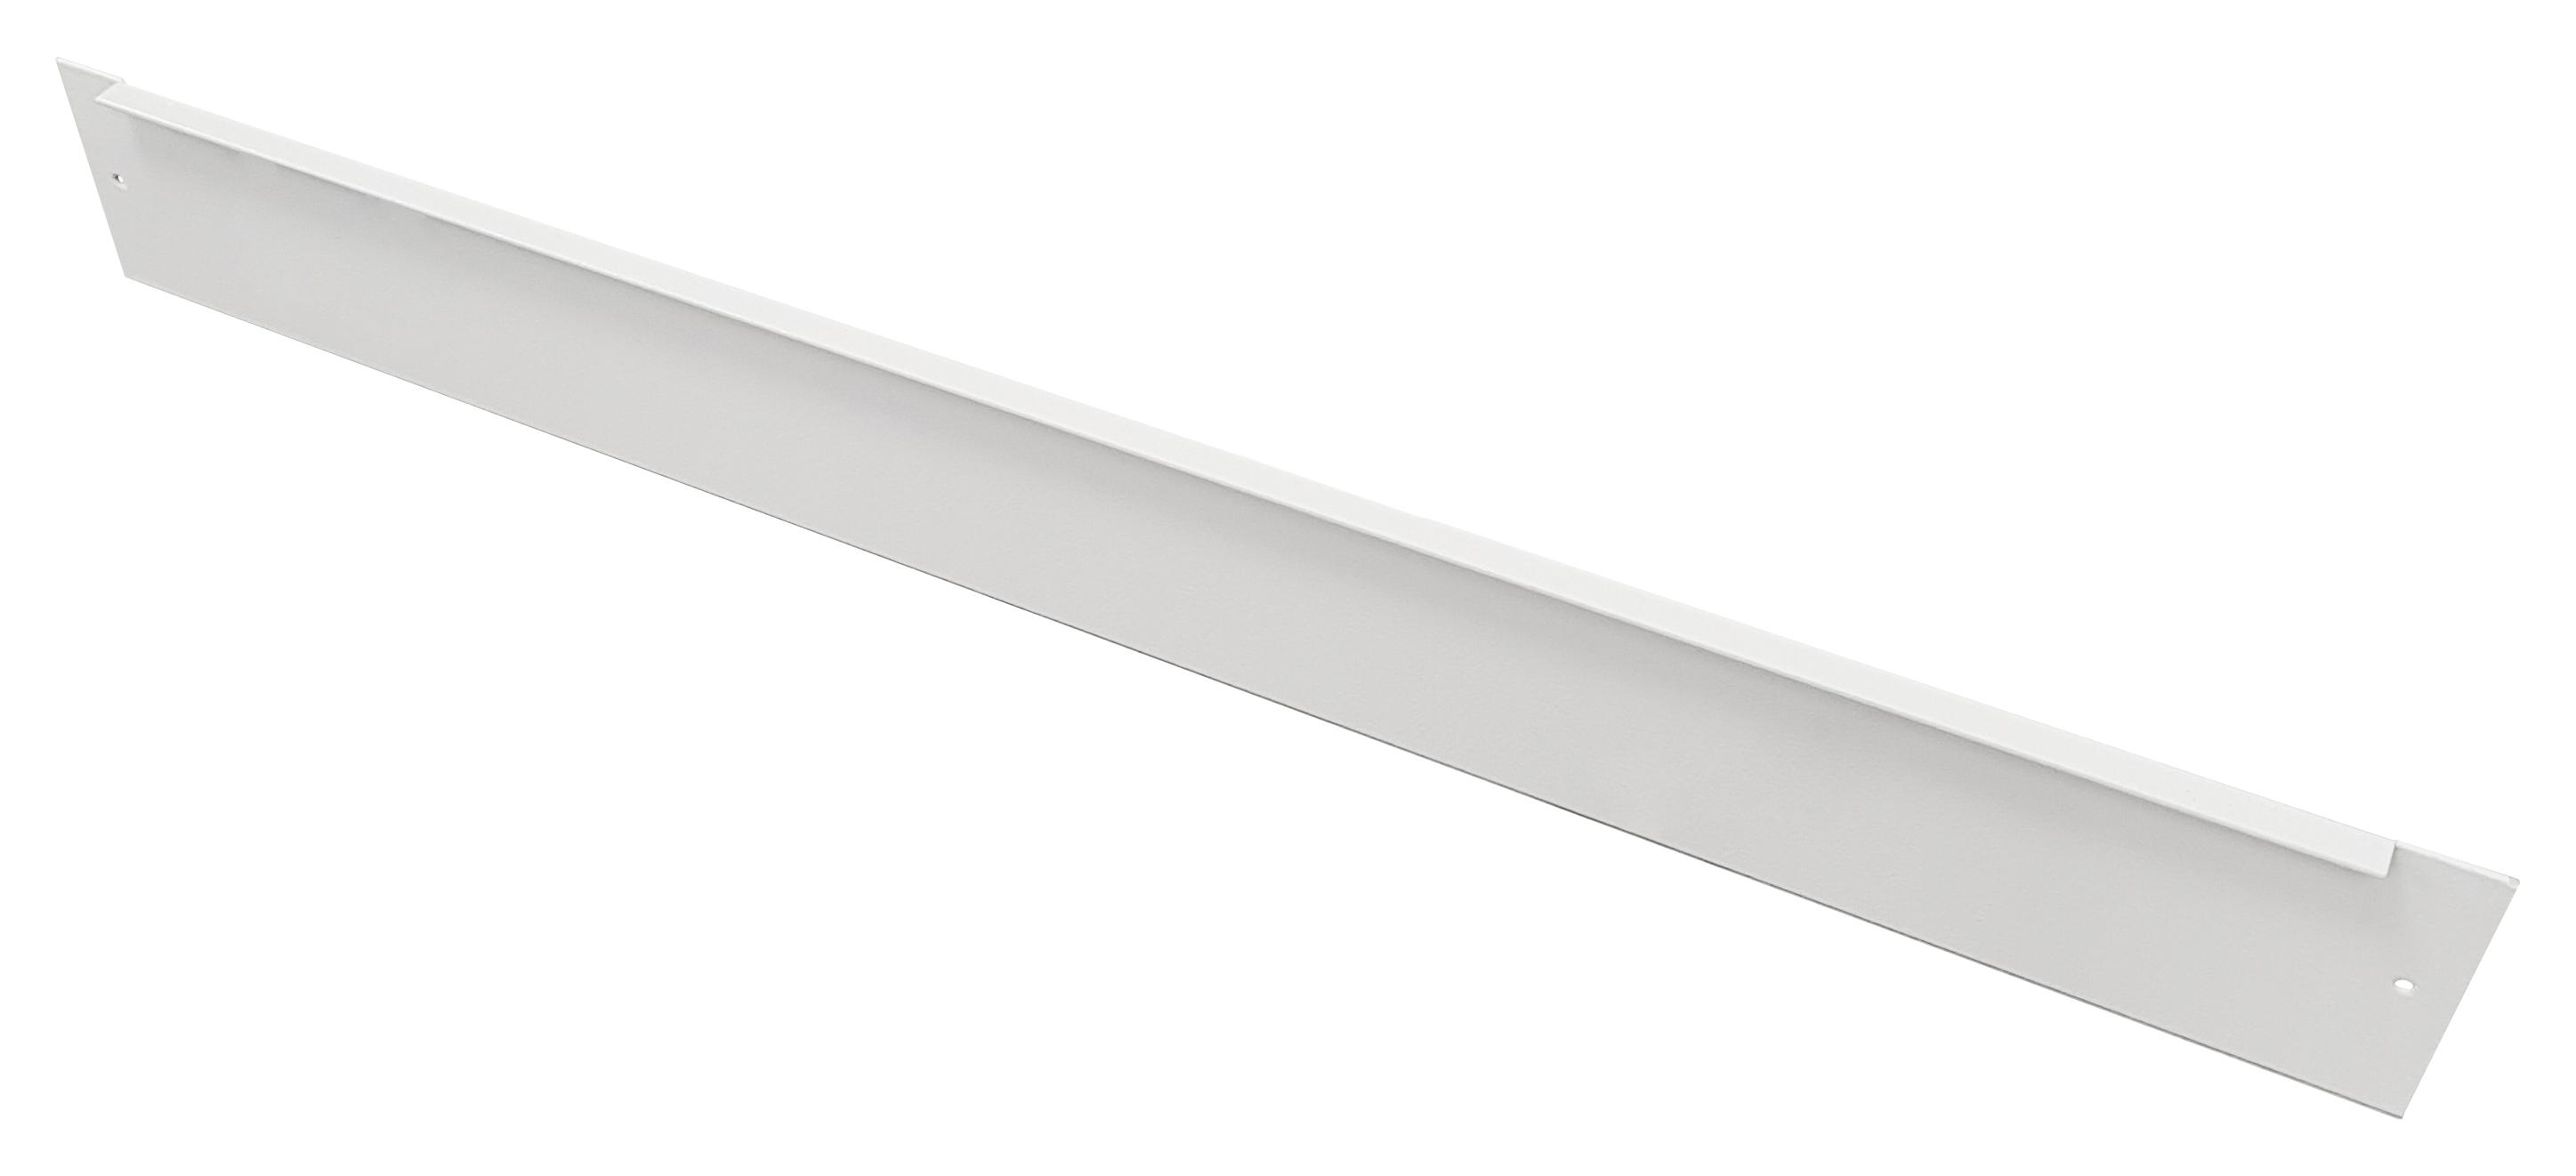 1 Stk Sockel-Frontrahmen für Maskenverteiler Breite 2 IL091020--